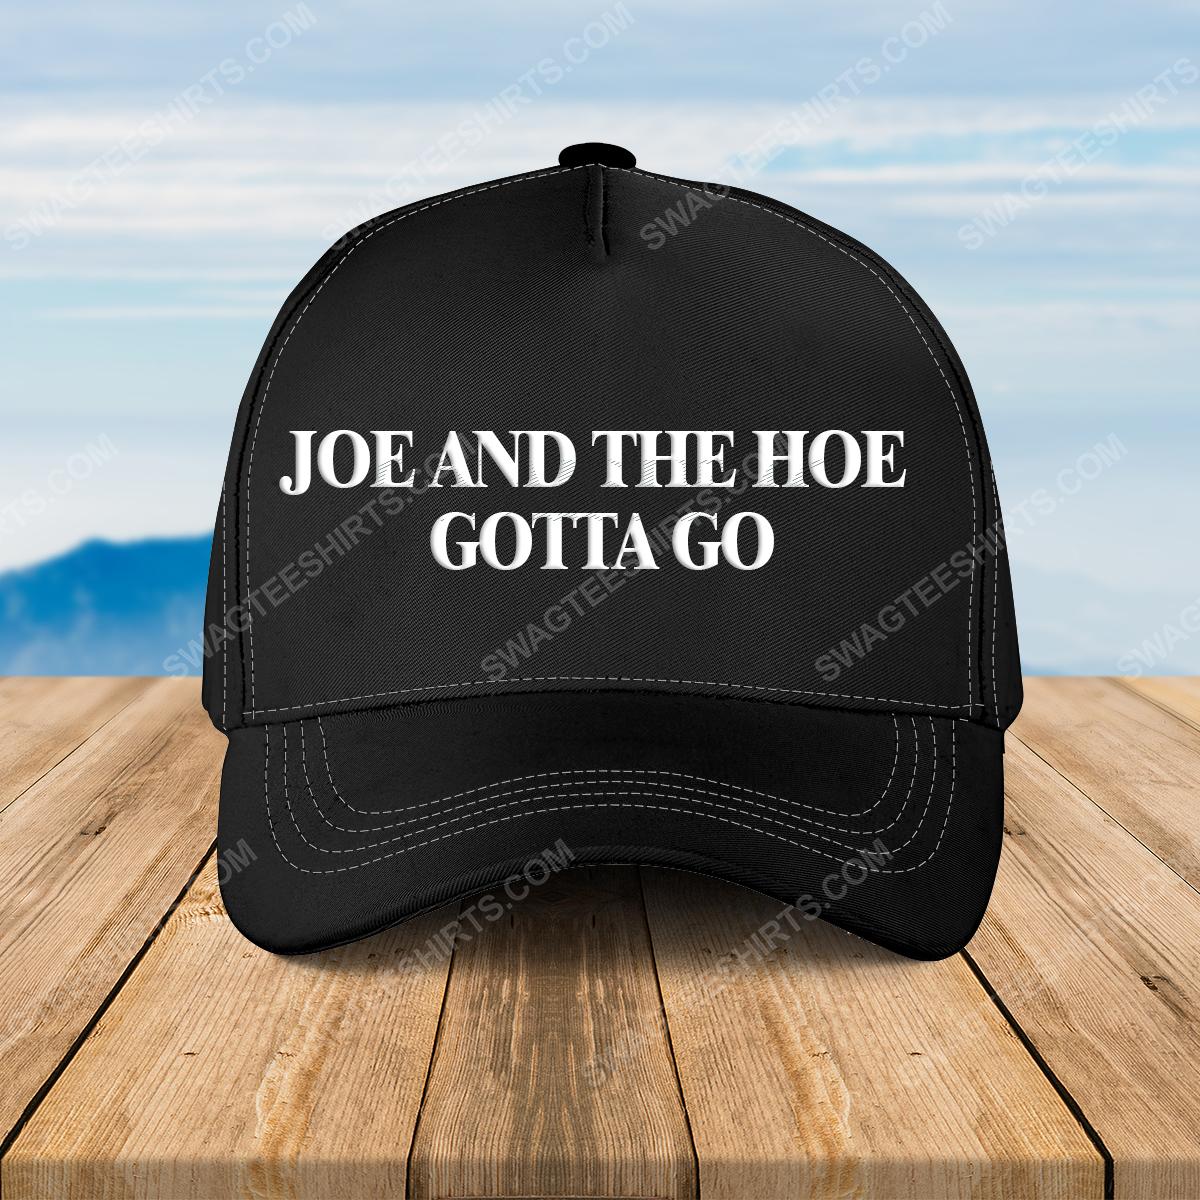 Joe and the hoe gotta go full print classic hat 1 - Copy